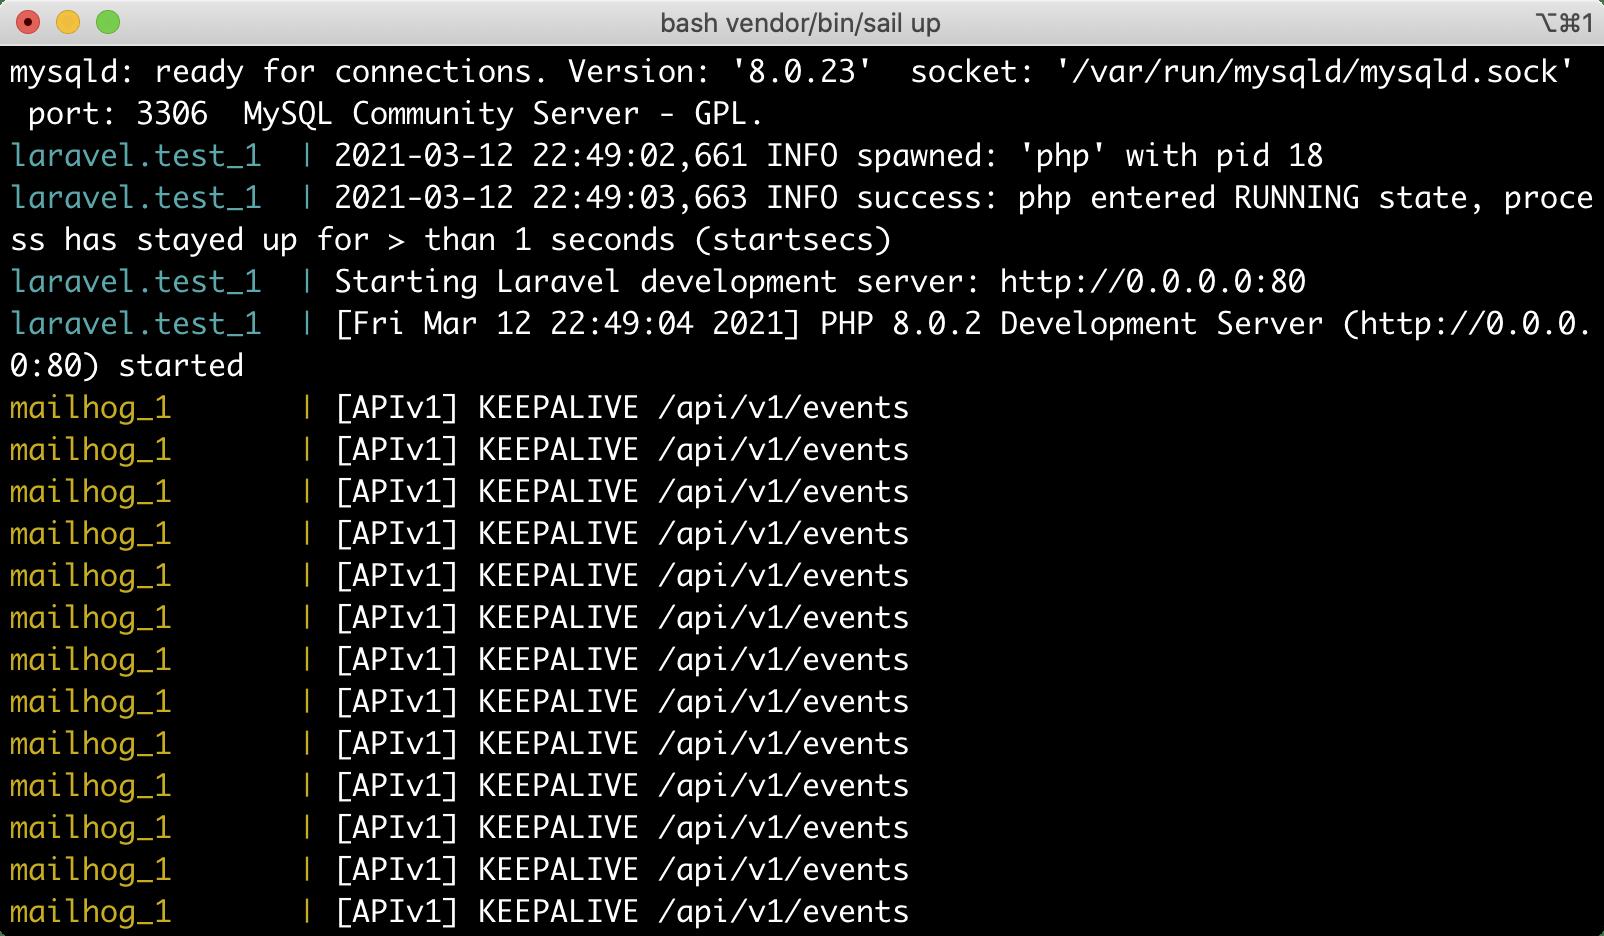 搭建 Laravel Sail 开发环境 - MacOS